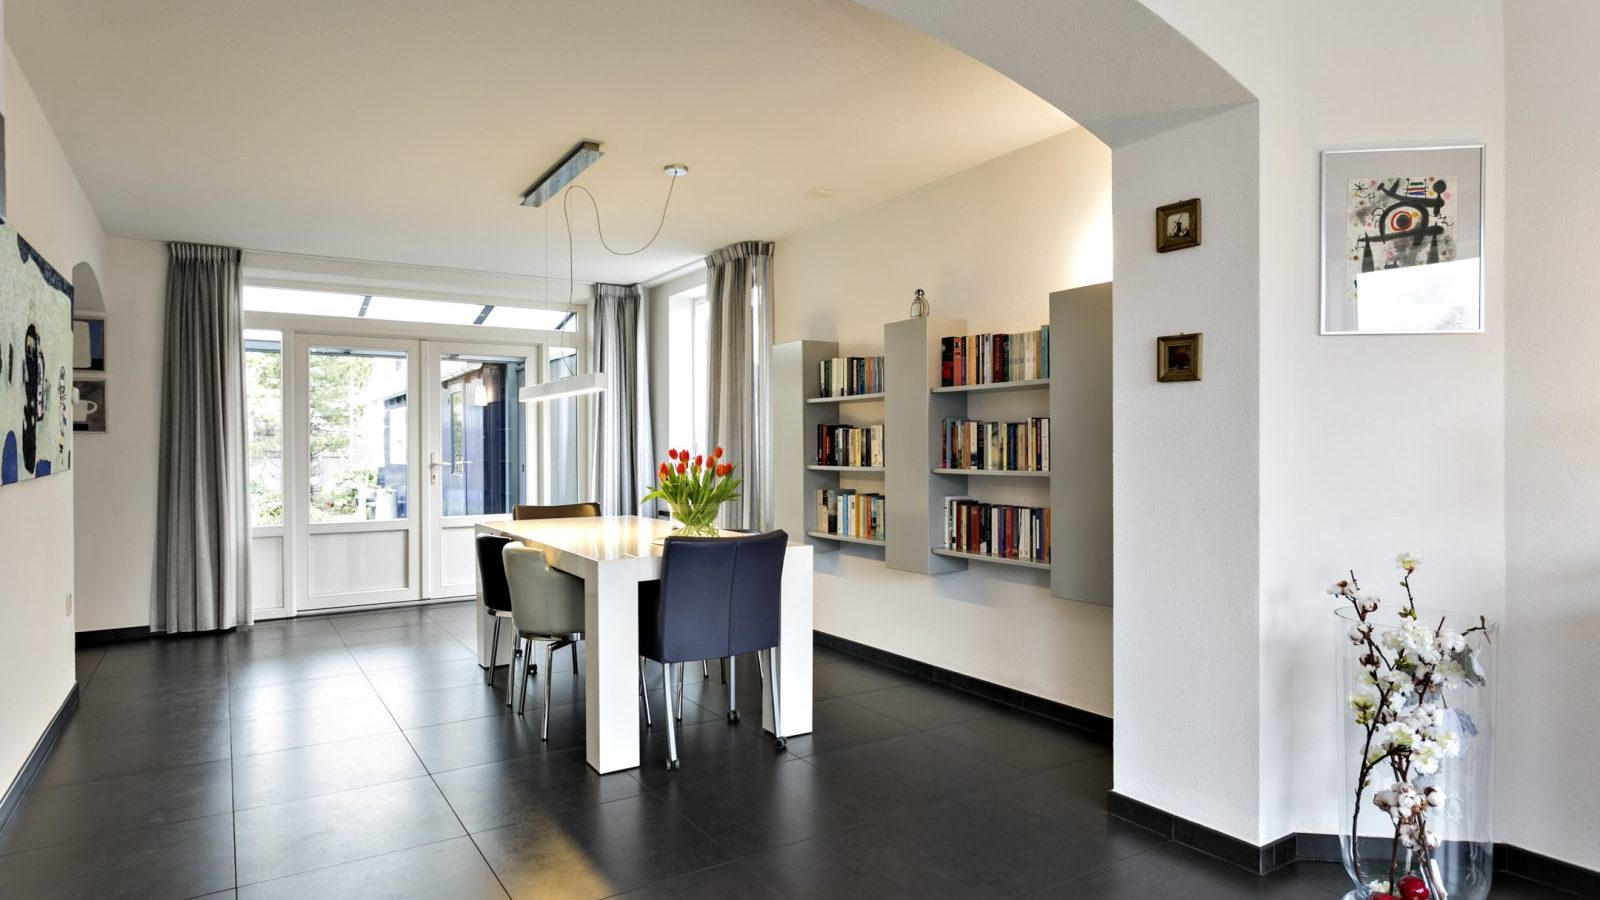 CharlesRuysstraat50Roermond-12-1600x1067